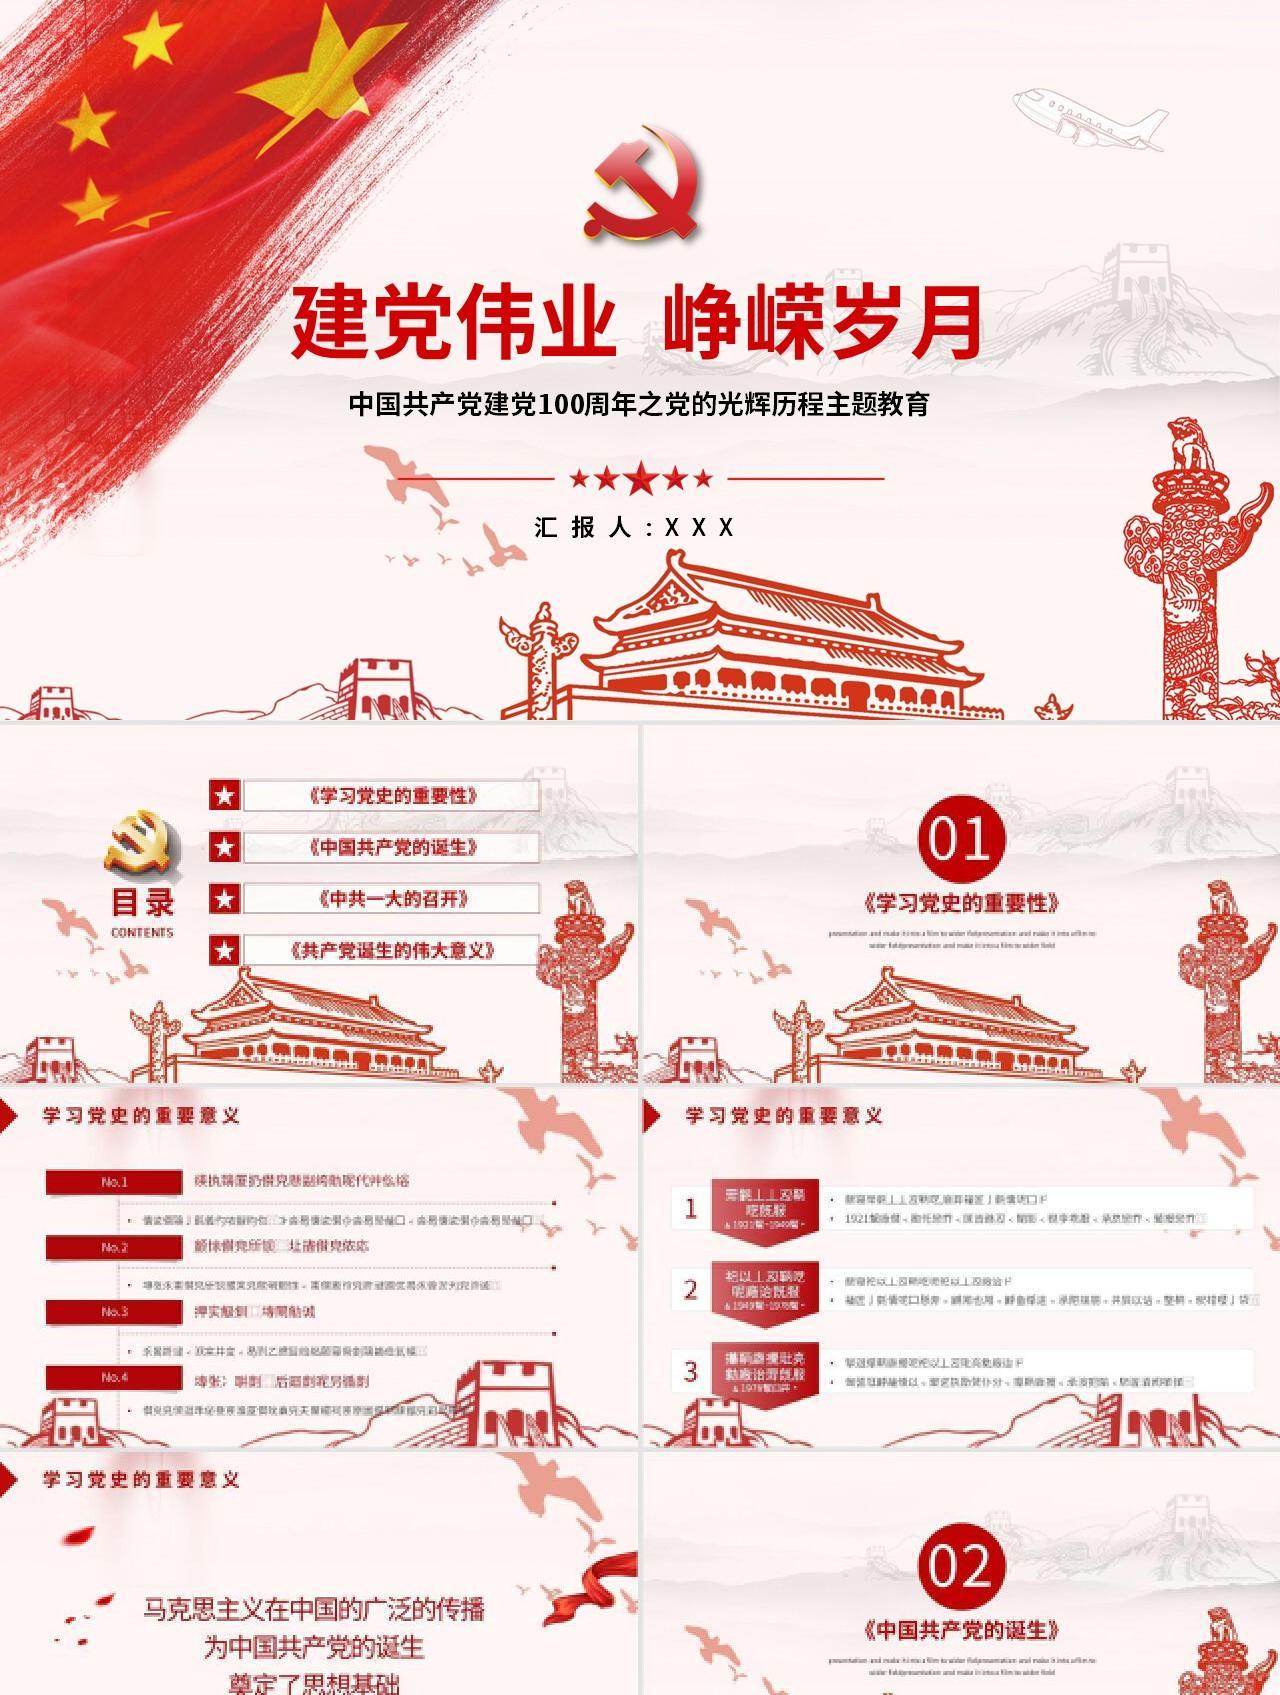 红色党政建党100周年党课学习PPT模板